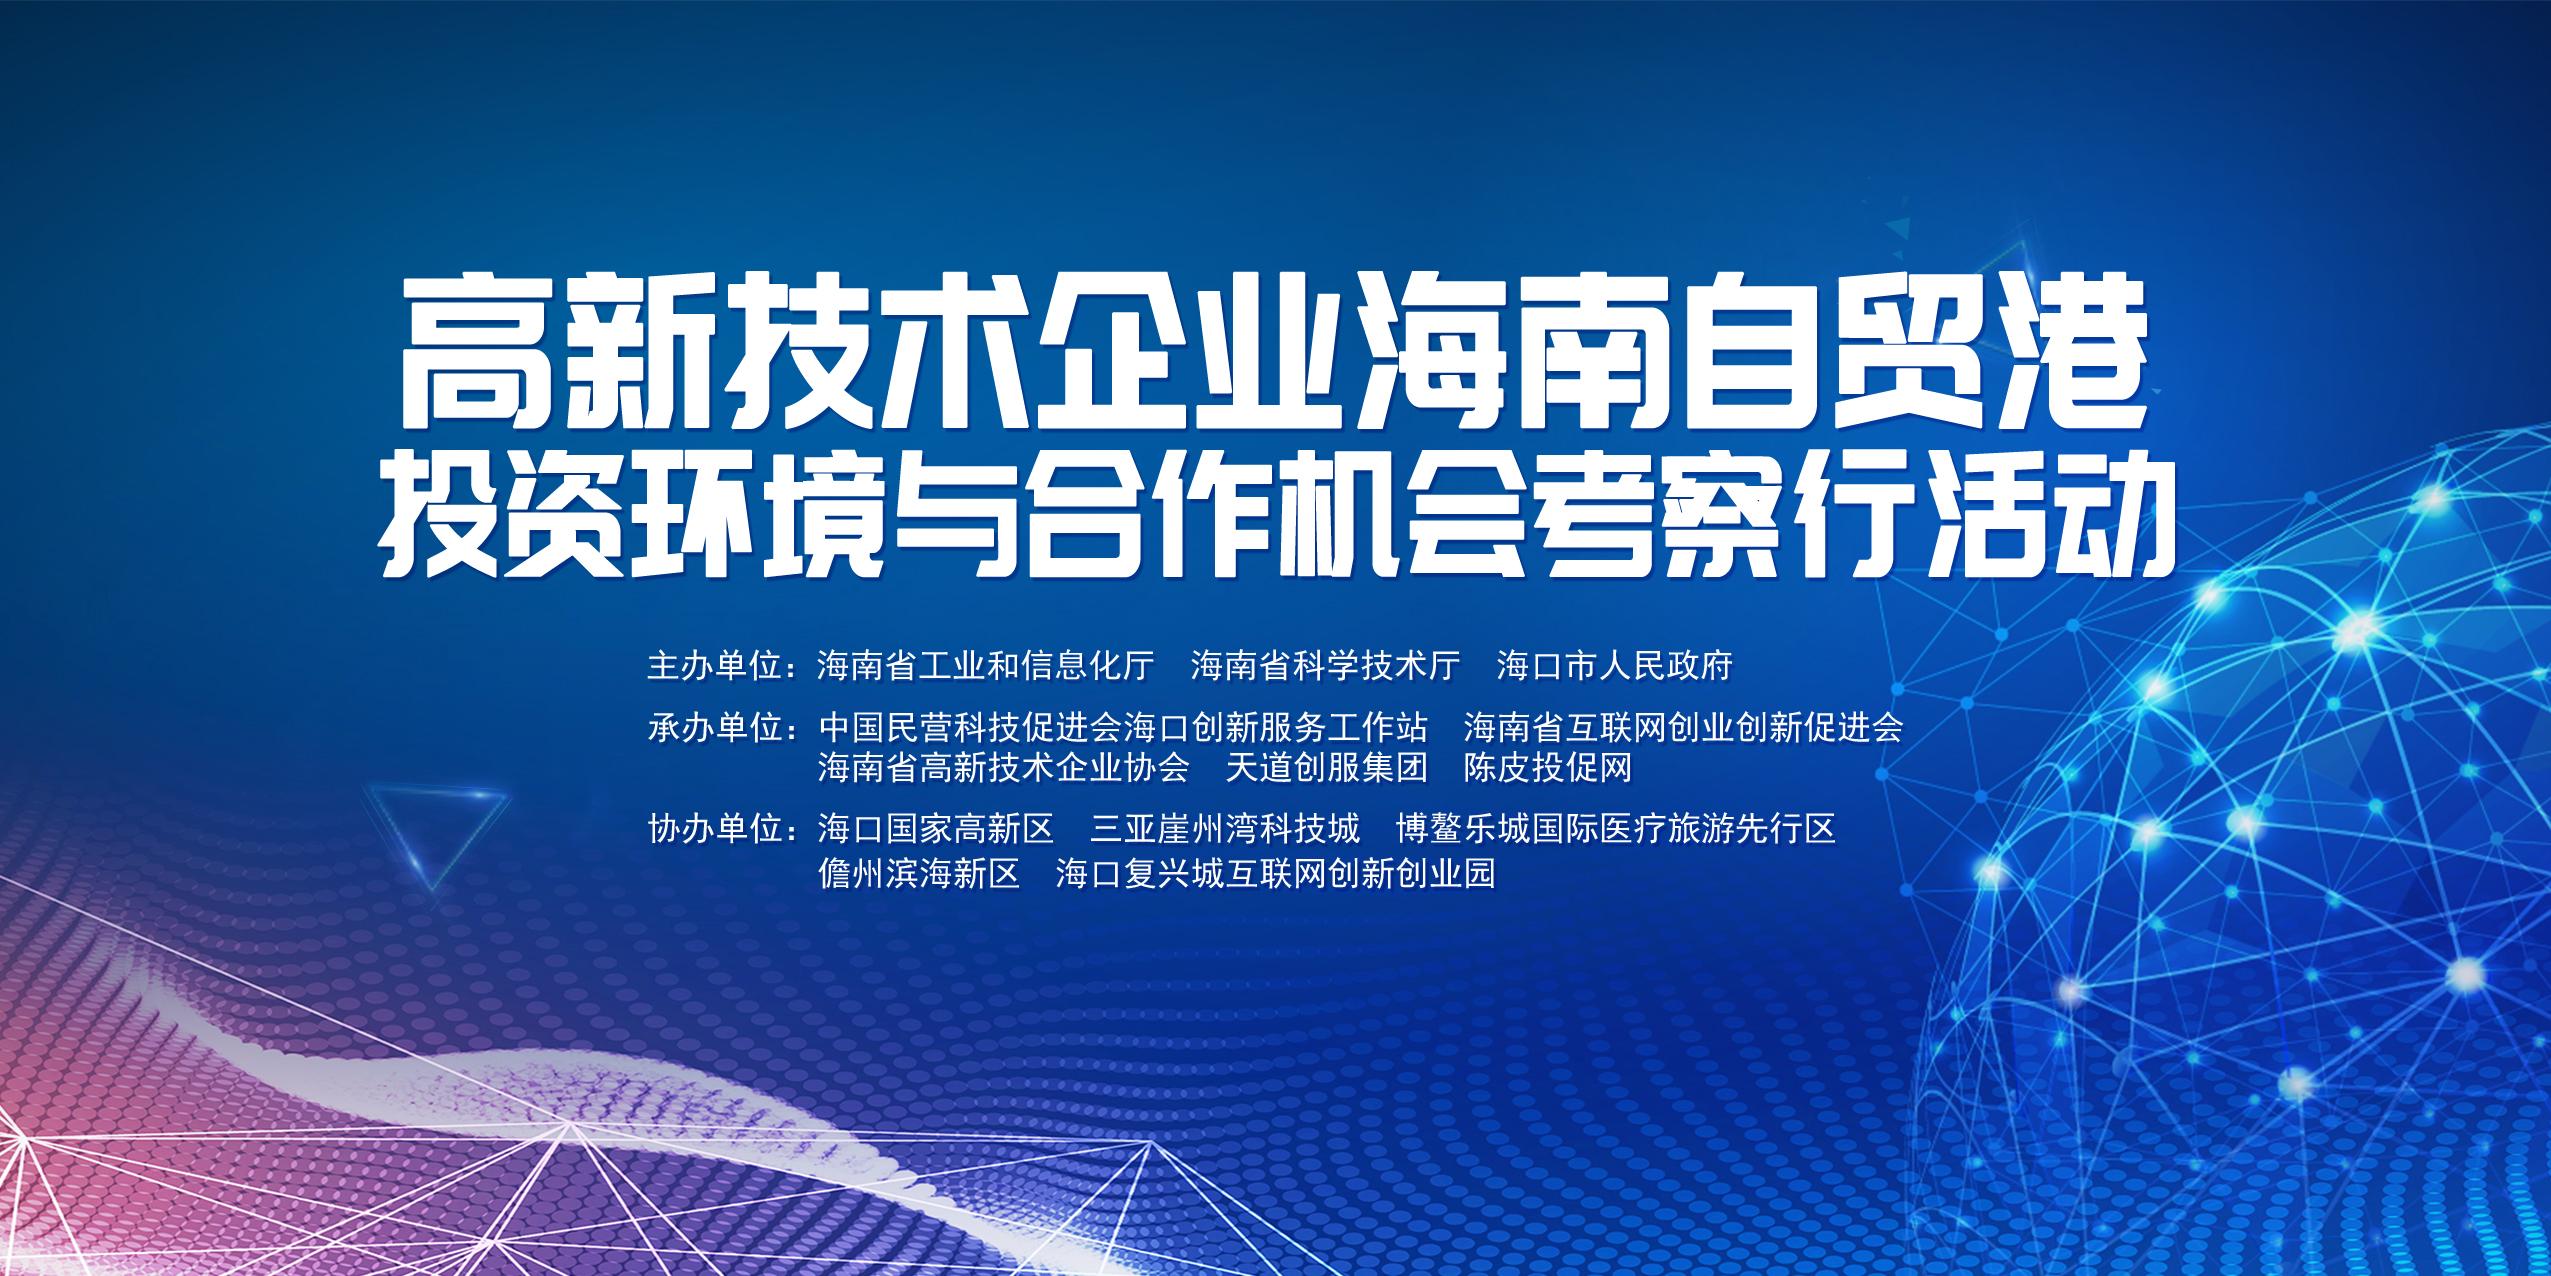 高新技术企业海南自贸港投资环境与合作机会 考察行活动